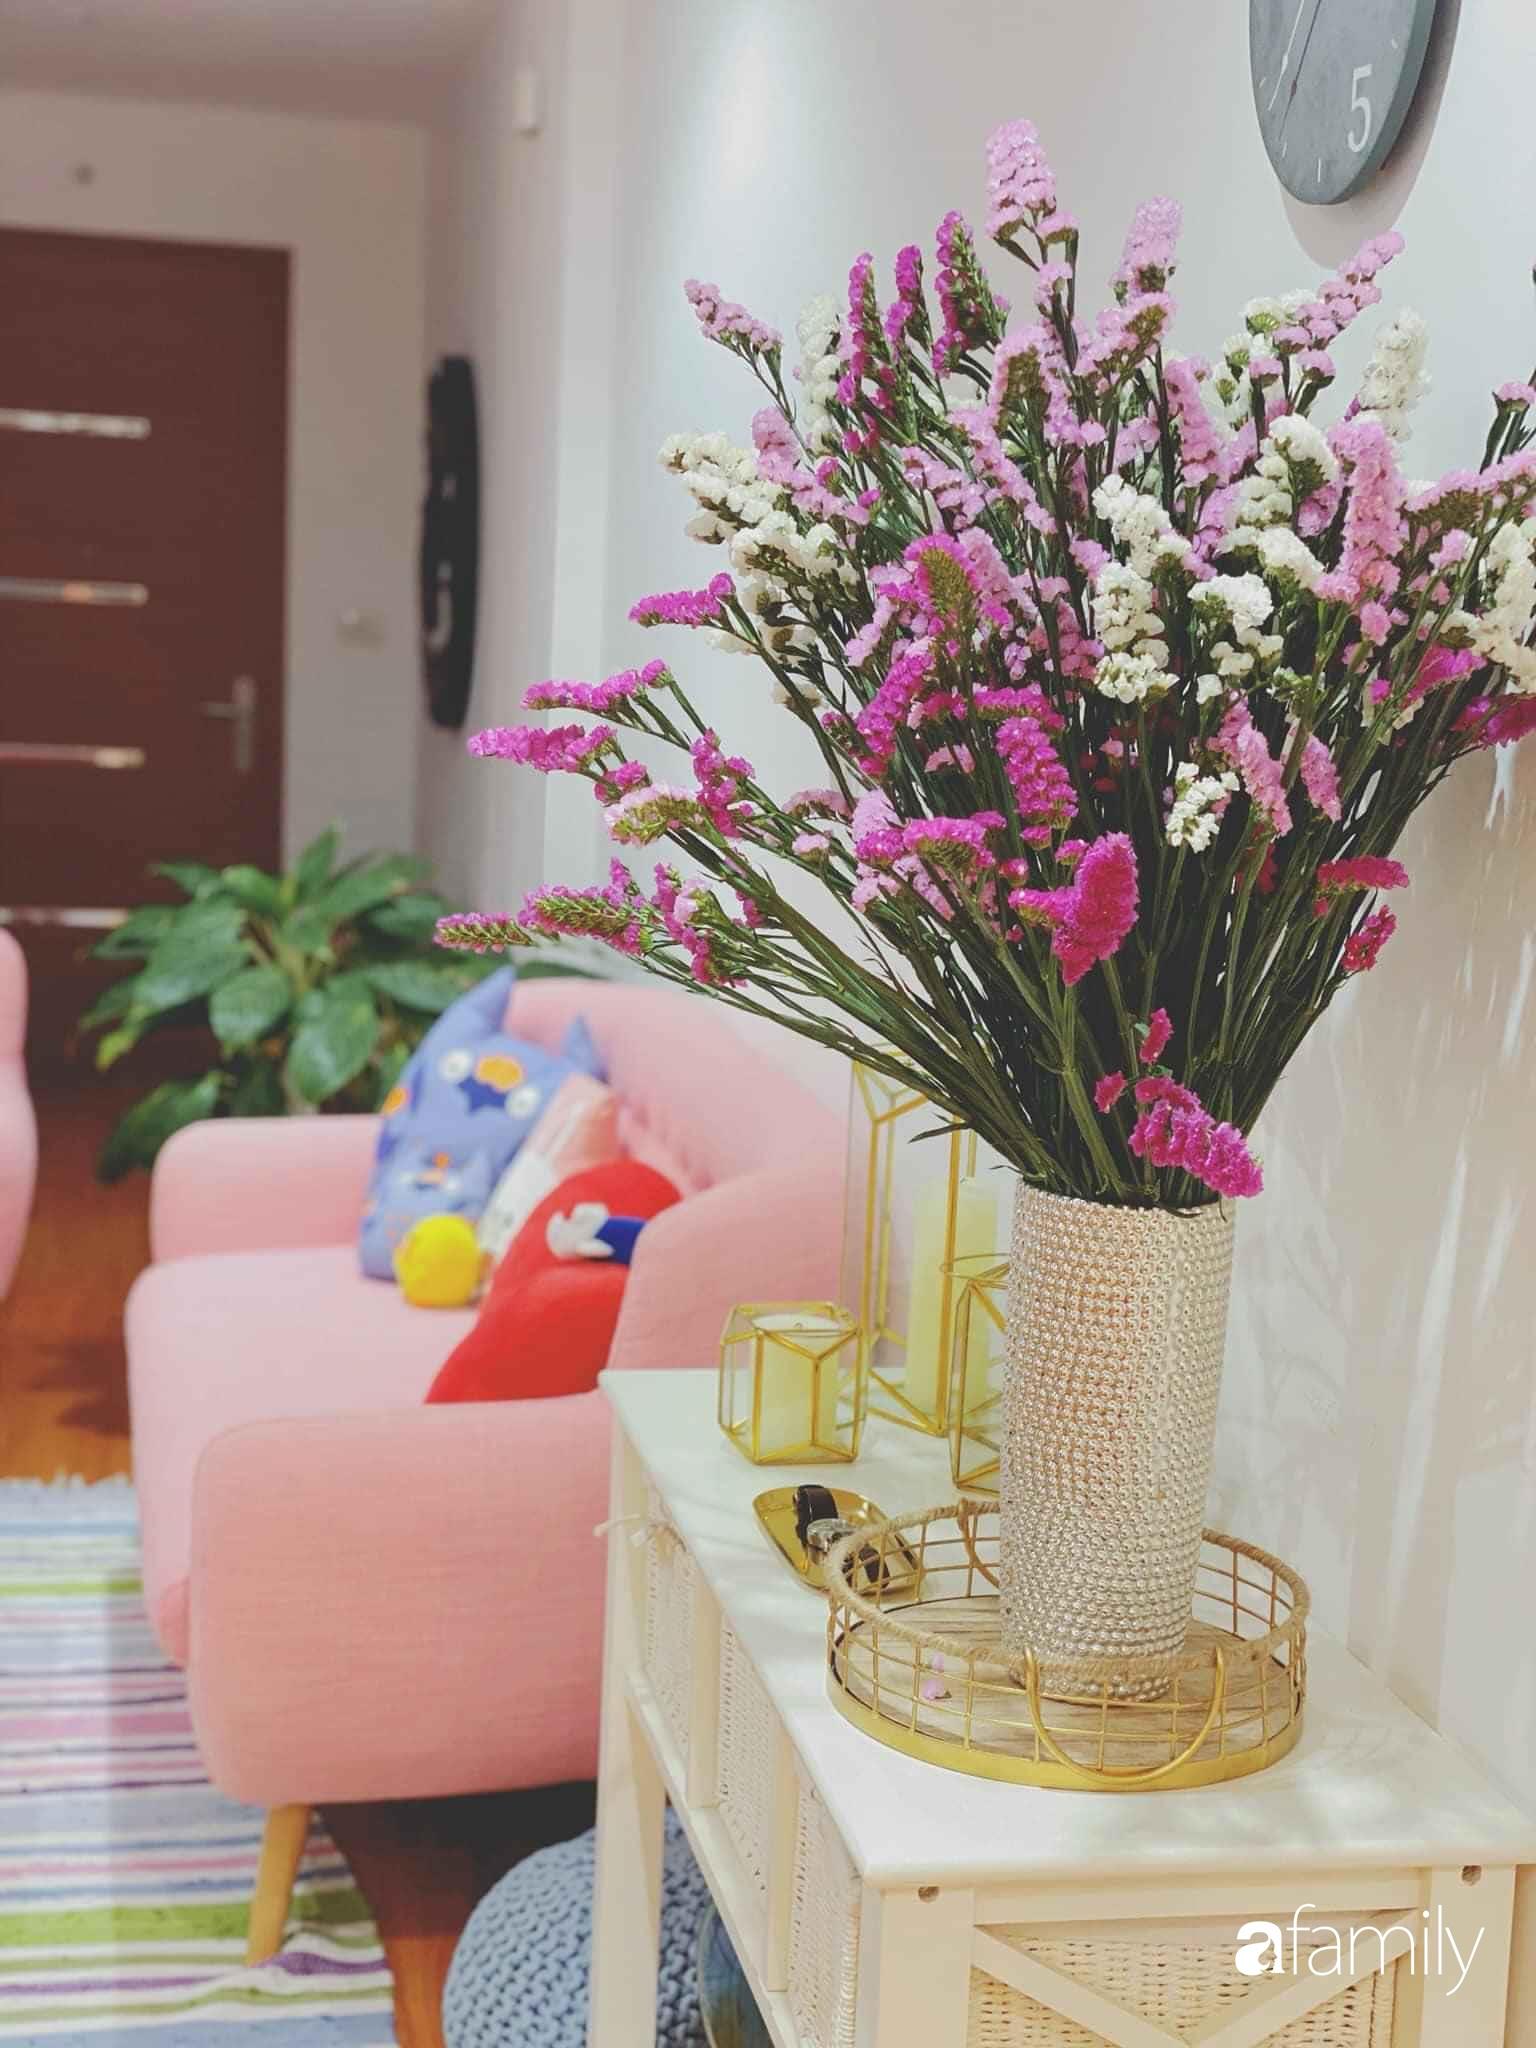 Bí quyết decor căn hộ 60m² luôn ngọt ngào và thoảng nhẹ hương thơm dịu dàng ở Hà Nội - Ảnh 8.